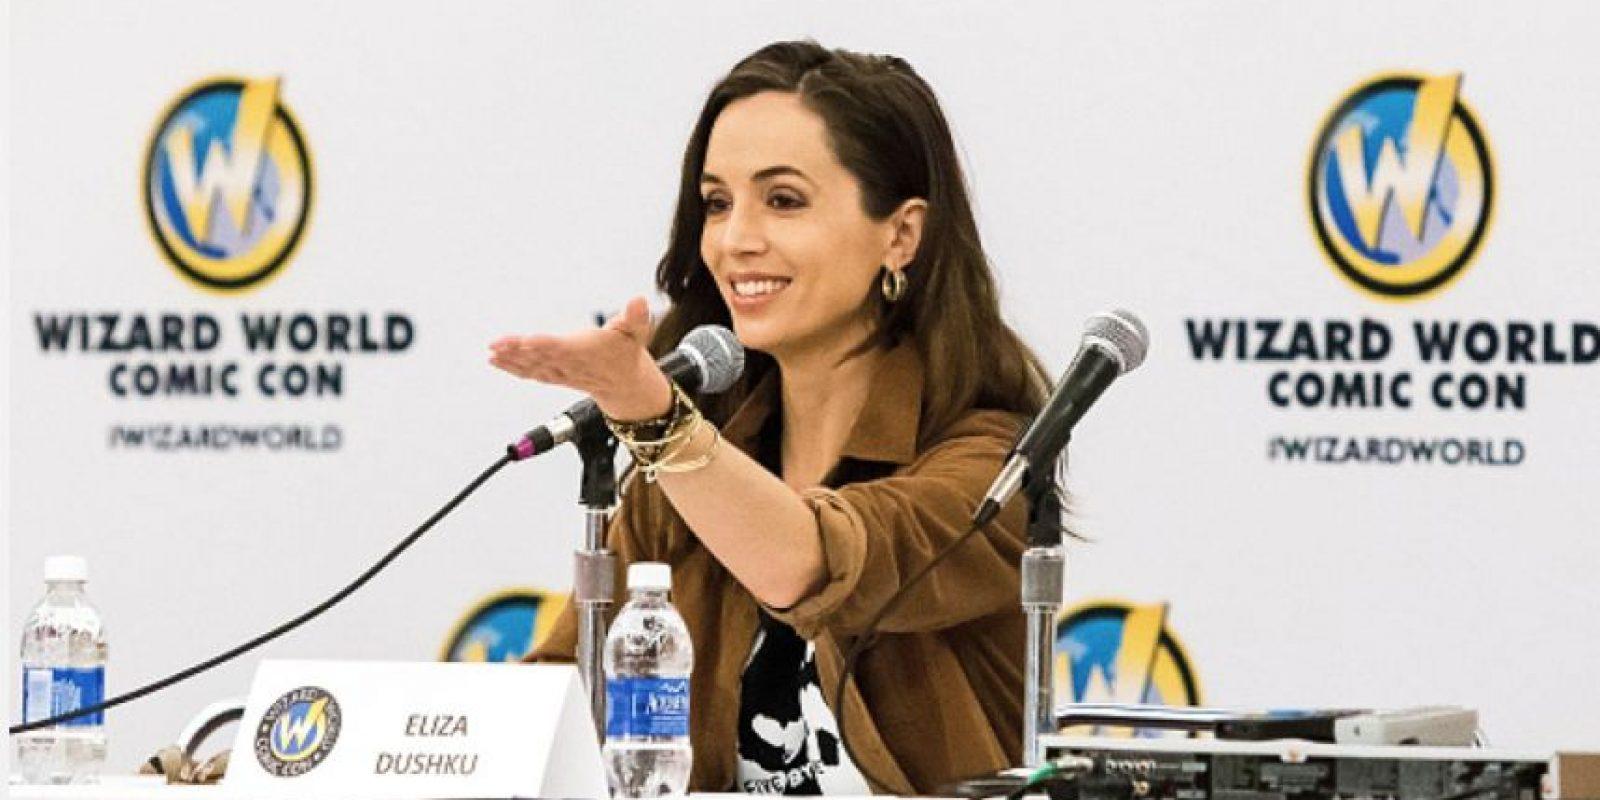 """Ha actuado en series como """"White Collar"""" y """"Dollhouse"""". También es una reconocida actriz de voz para series y videojuegos. Foto:vía Getty Images"""